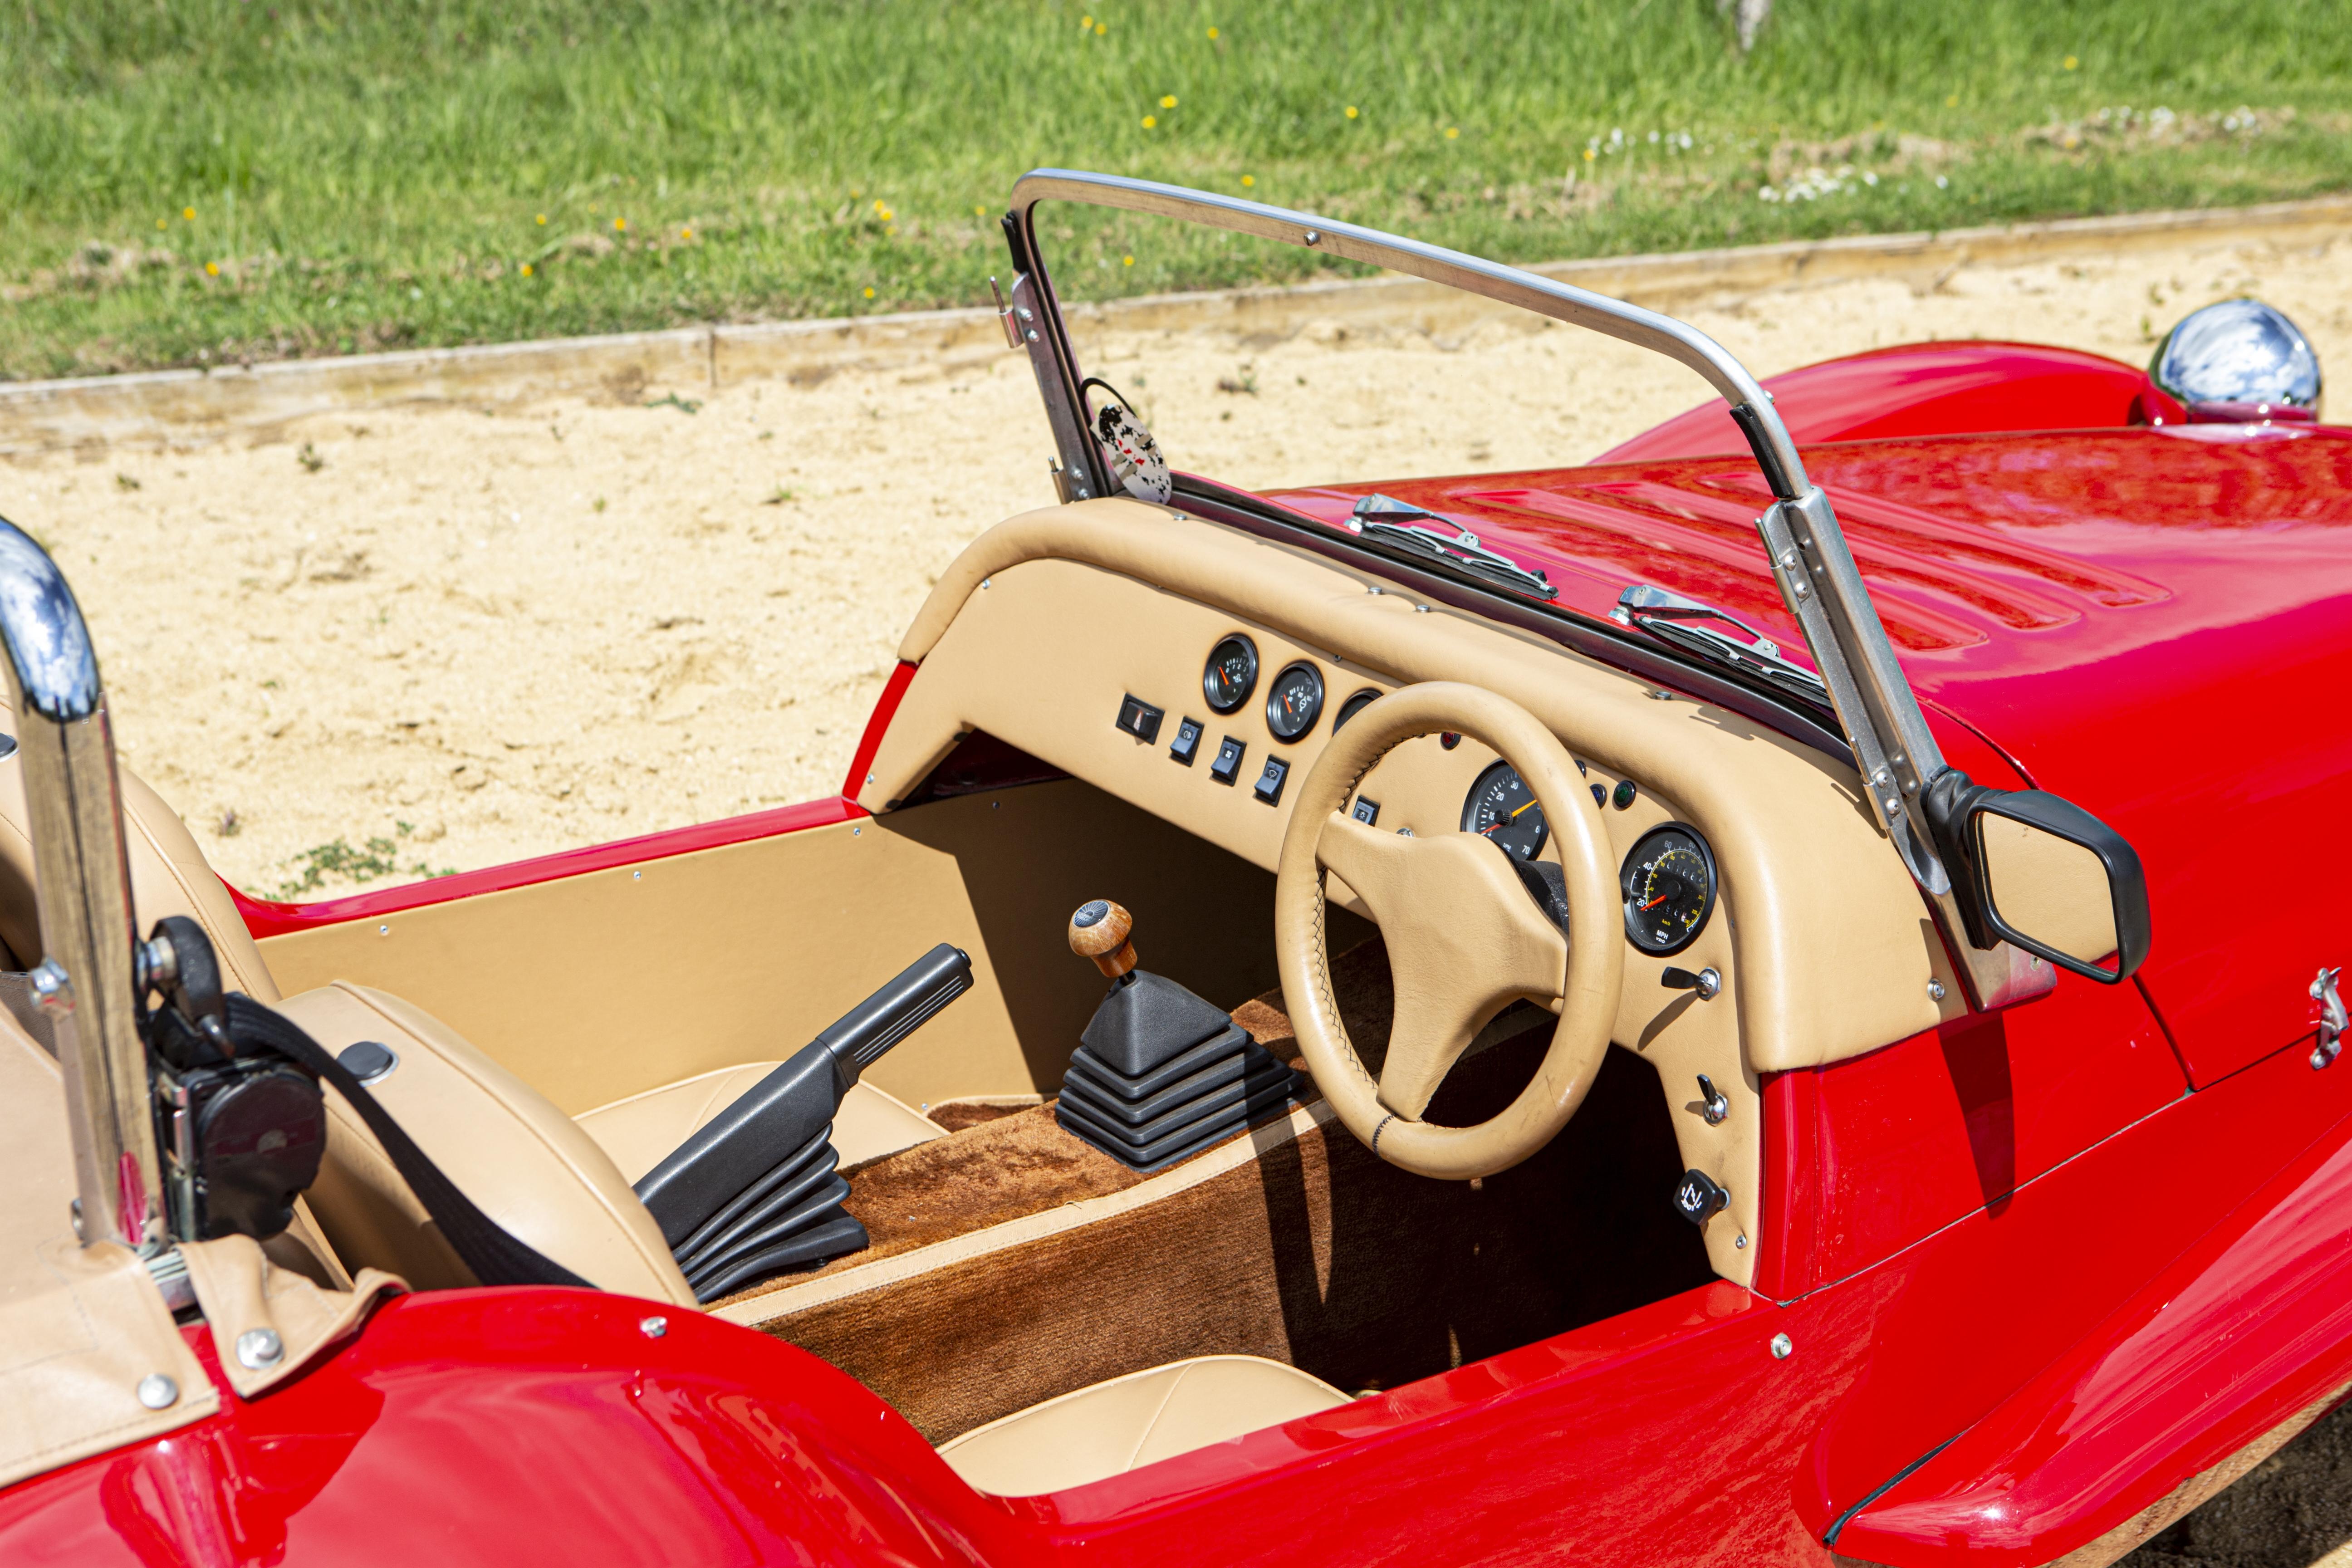 1992 Westfield Chassis no. 92WS1208 - Bild 5 aus 18